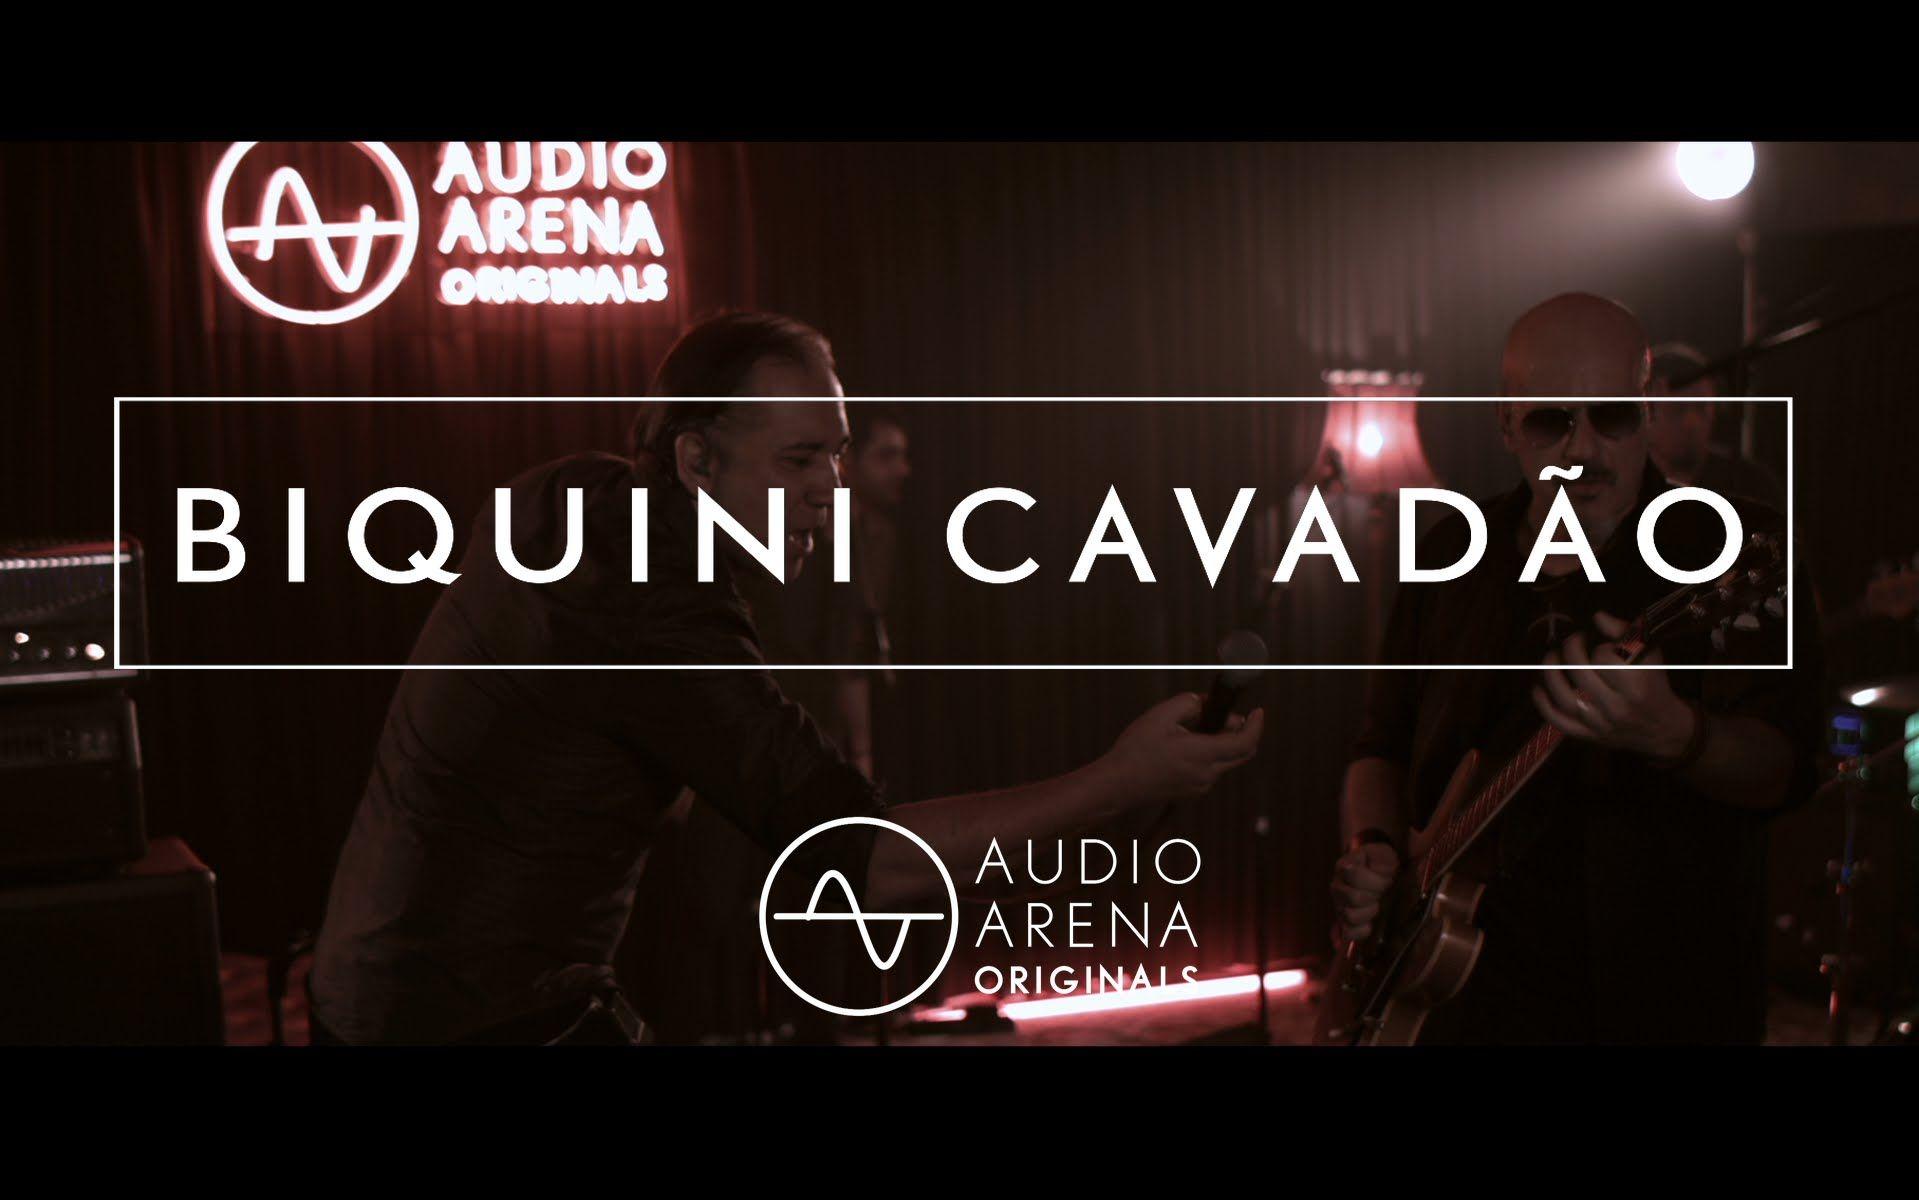 Biquini Cavadao Audioarena Originals Full Show Biquini Rock